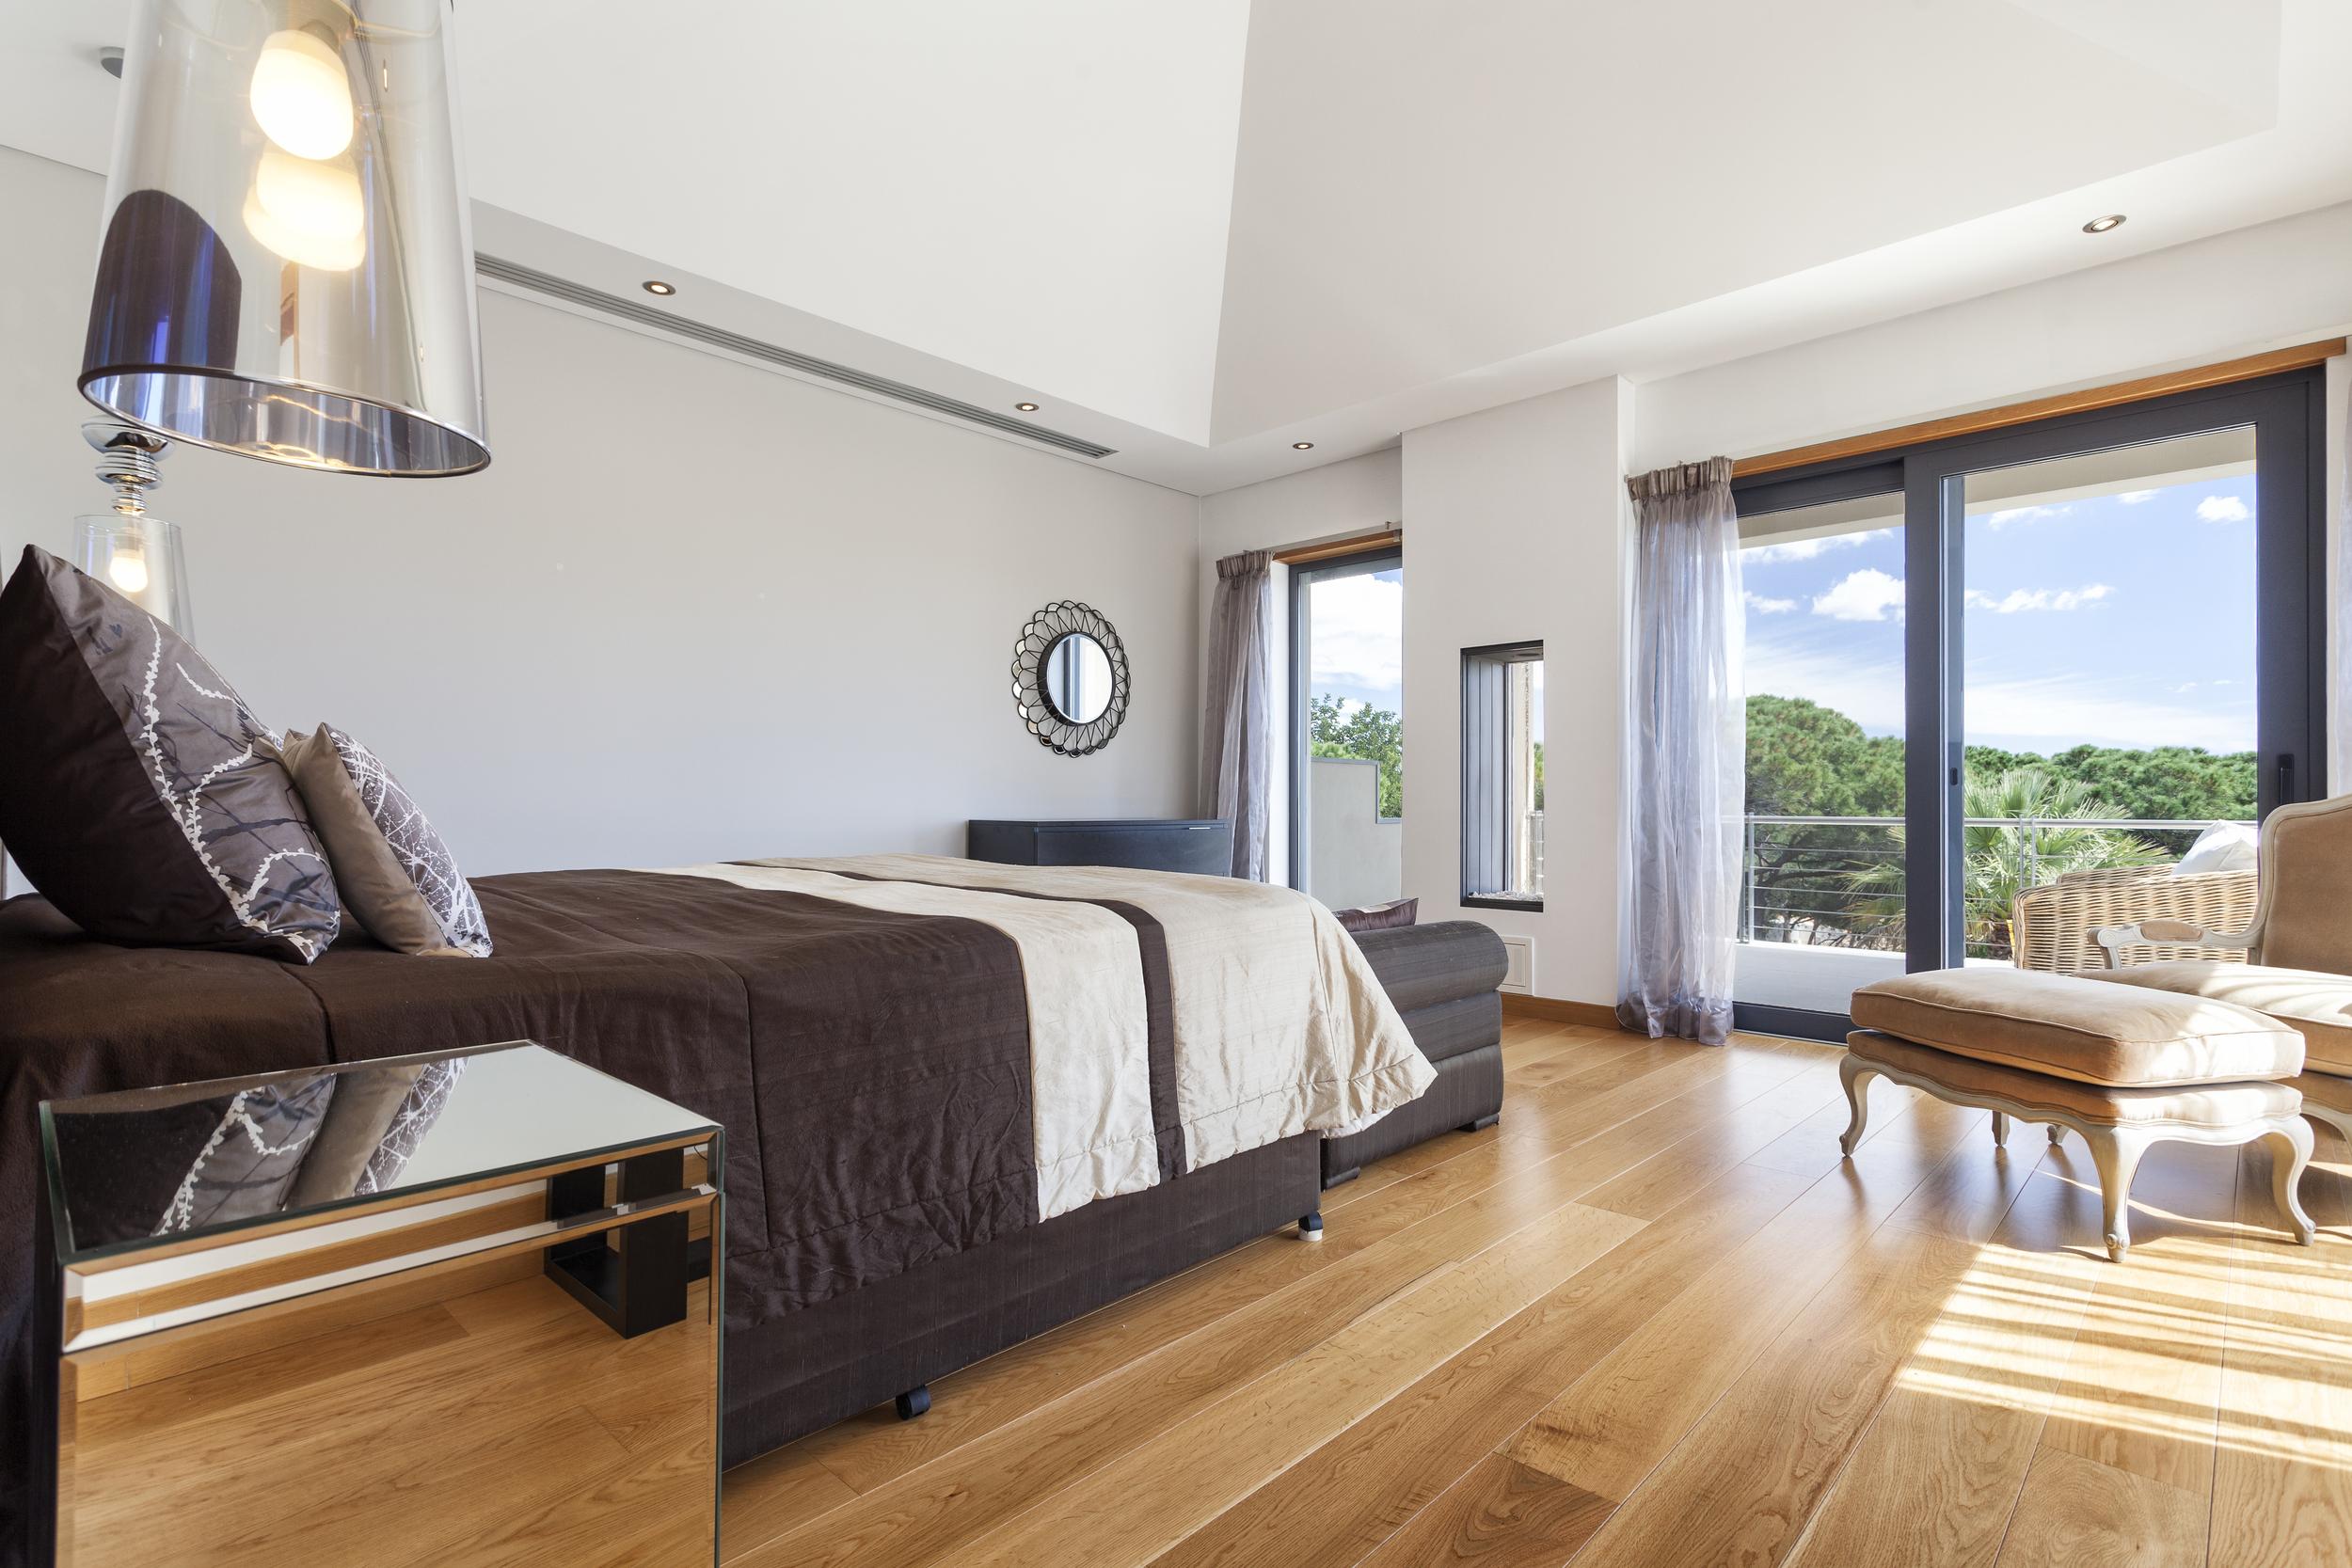 4 bedroom villa to rent in Quinta do Lago, RLV, Villa Serpentine,15.jpg